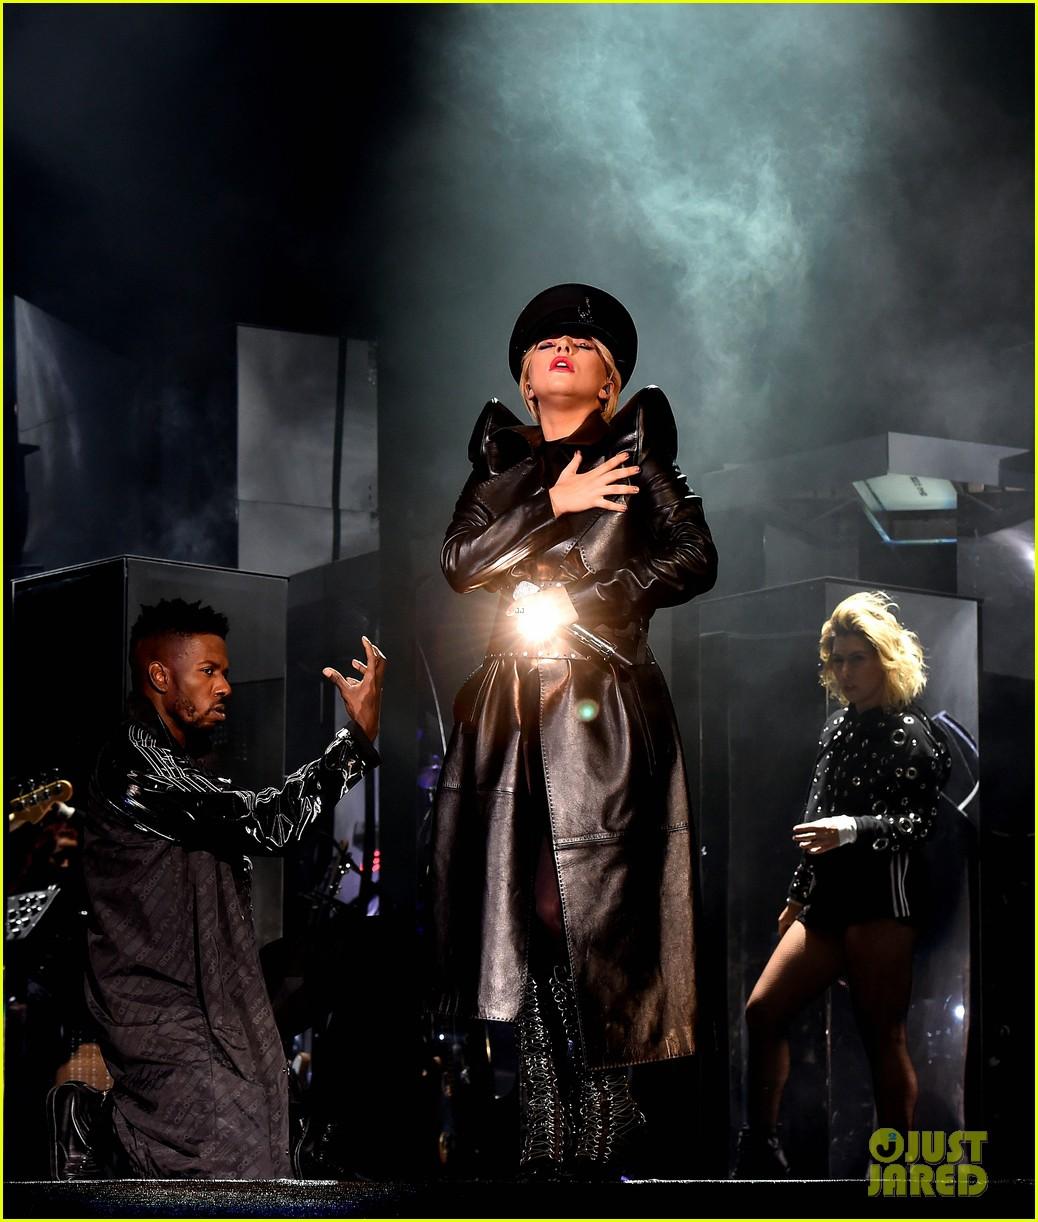 GloriaGaynor - Lady Gaga - Σελίδα 3 Lady-gaga-coachella-fashion-01